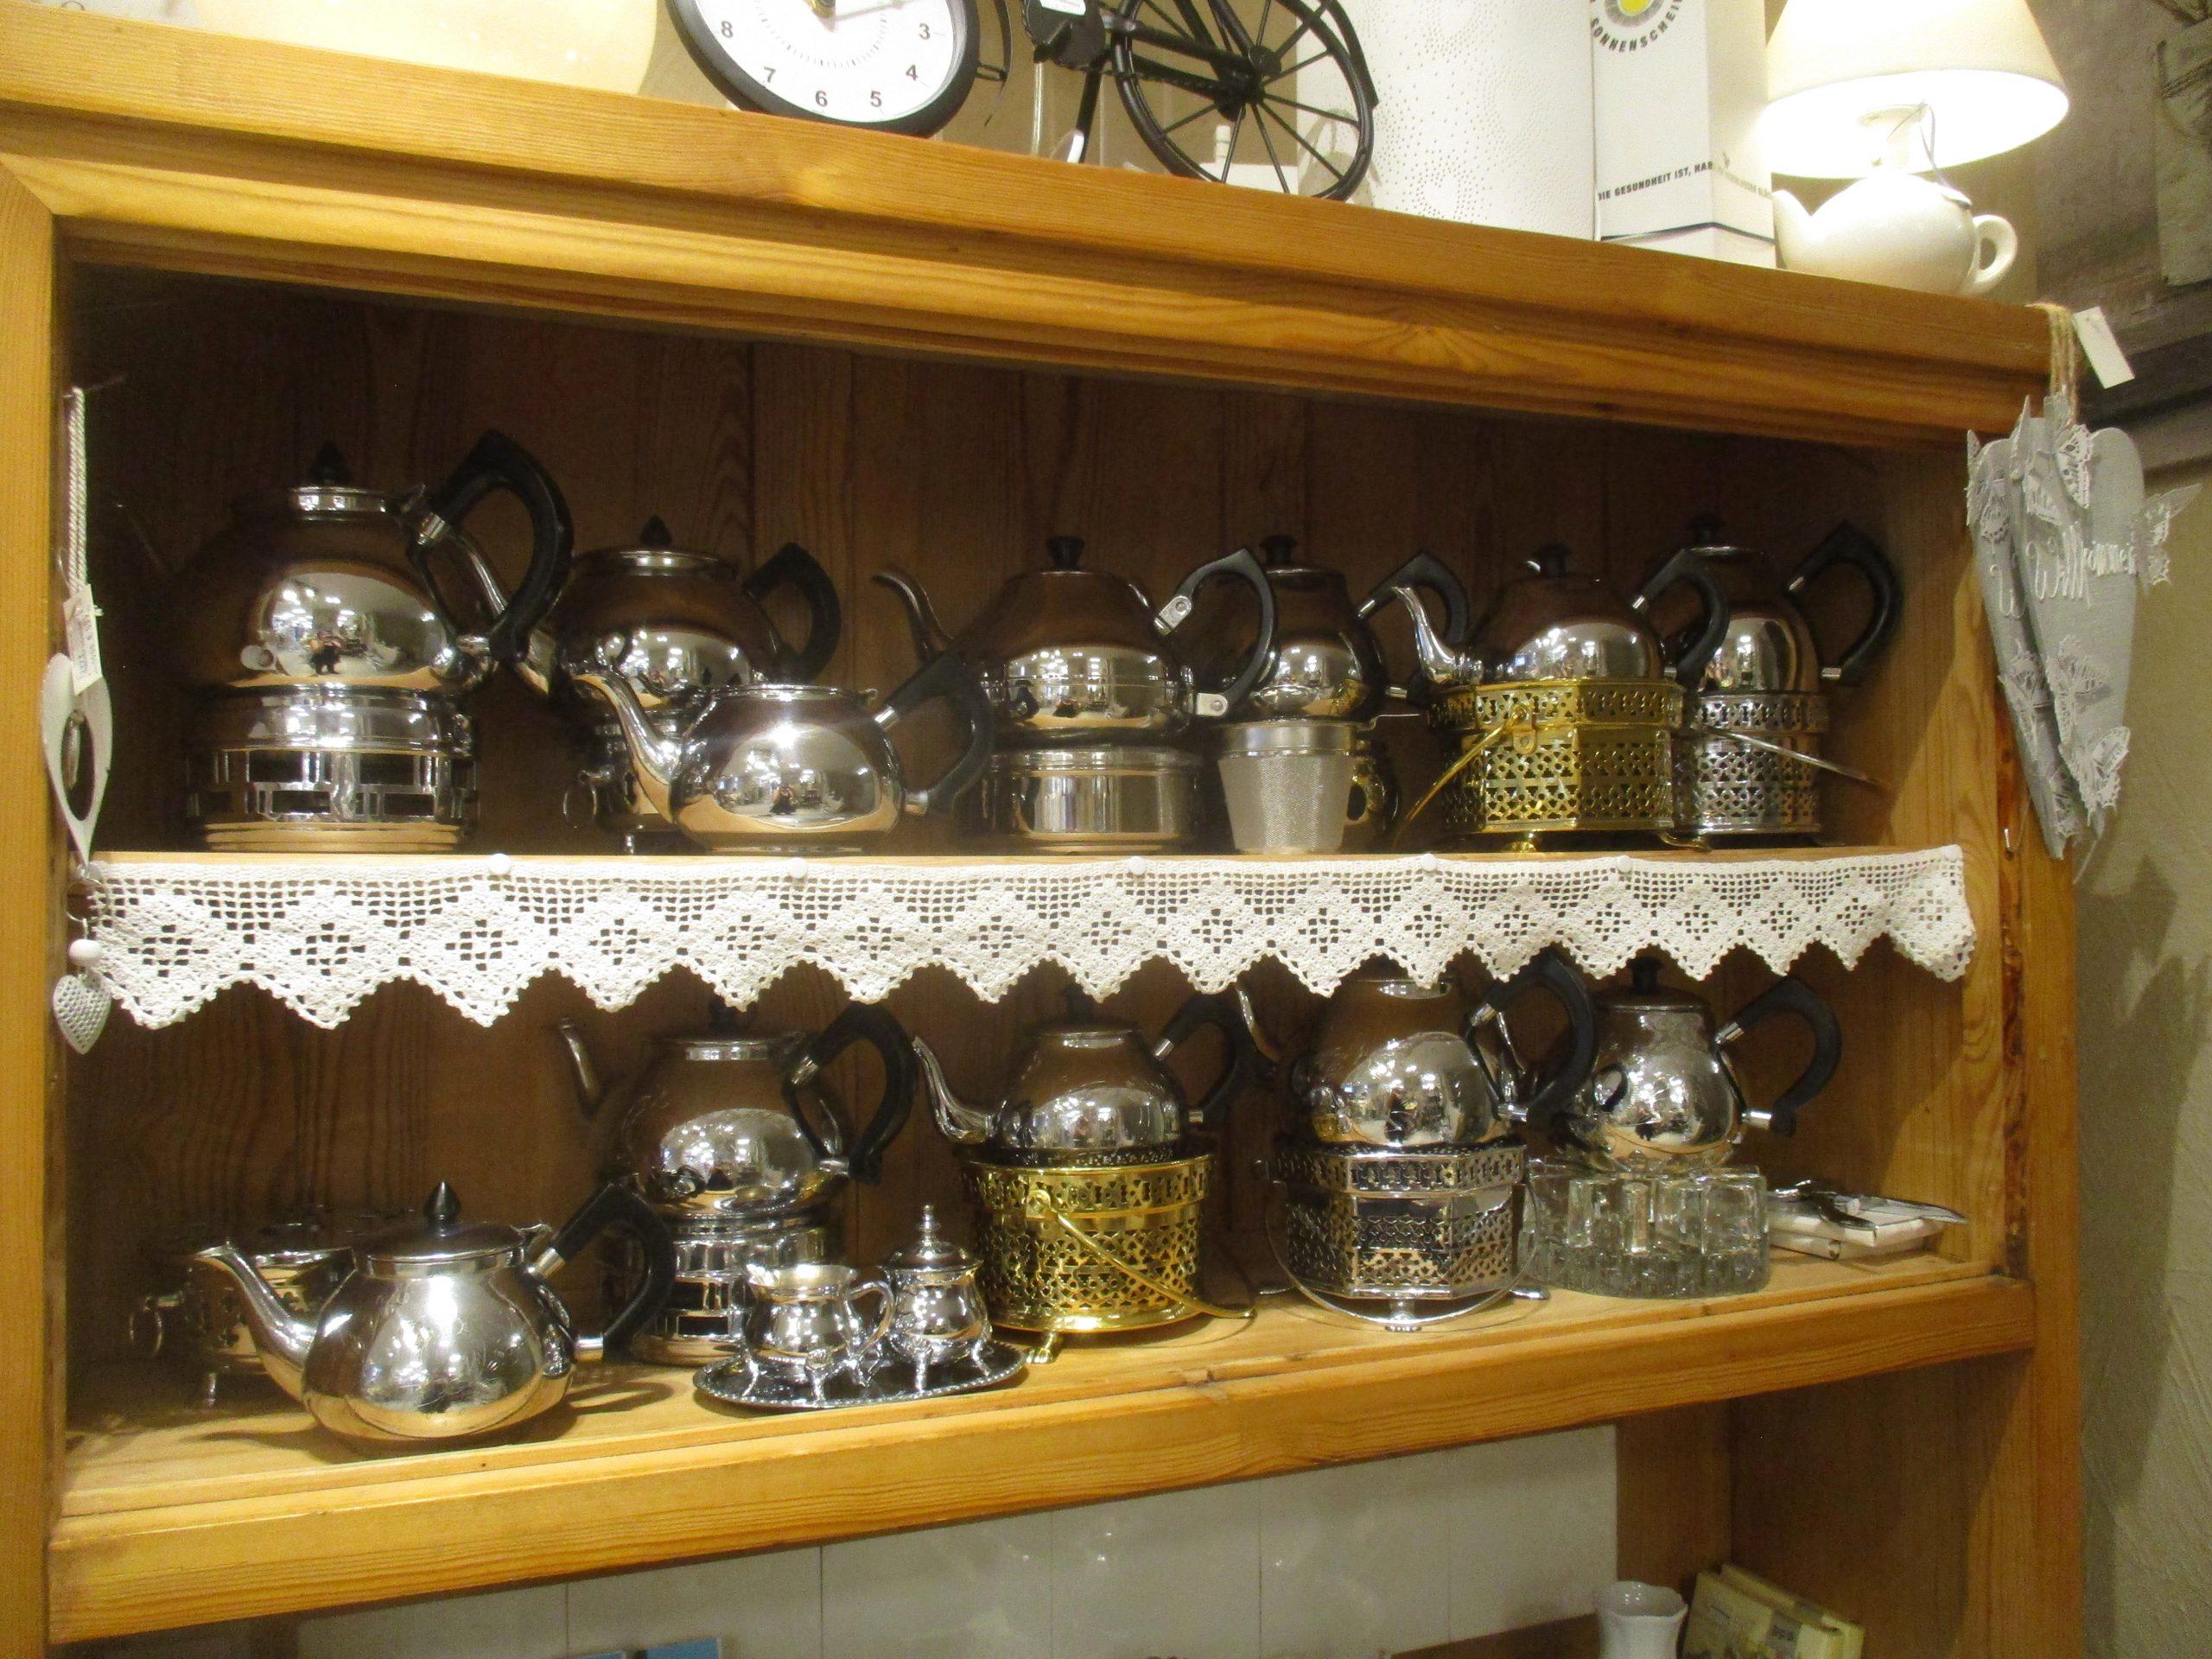 Ein Holzregal mit vielen Bauchiegen Metallkannen.